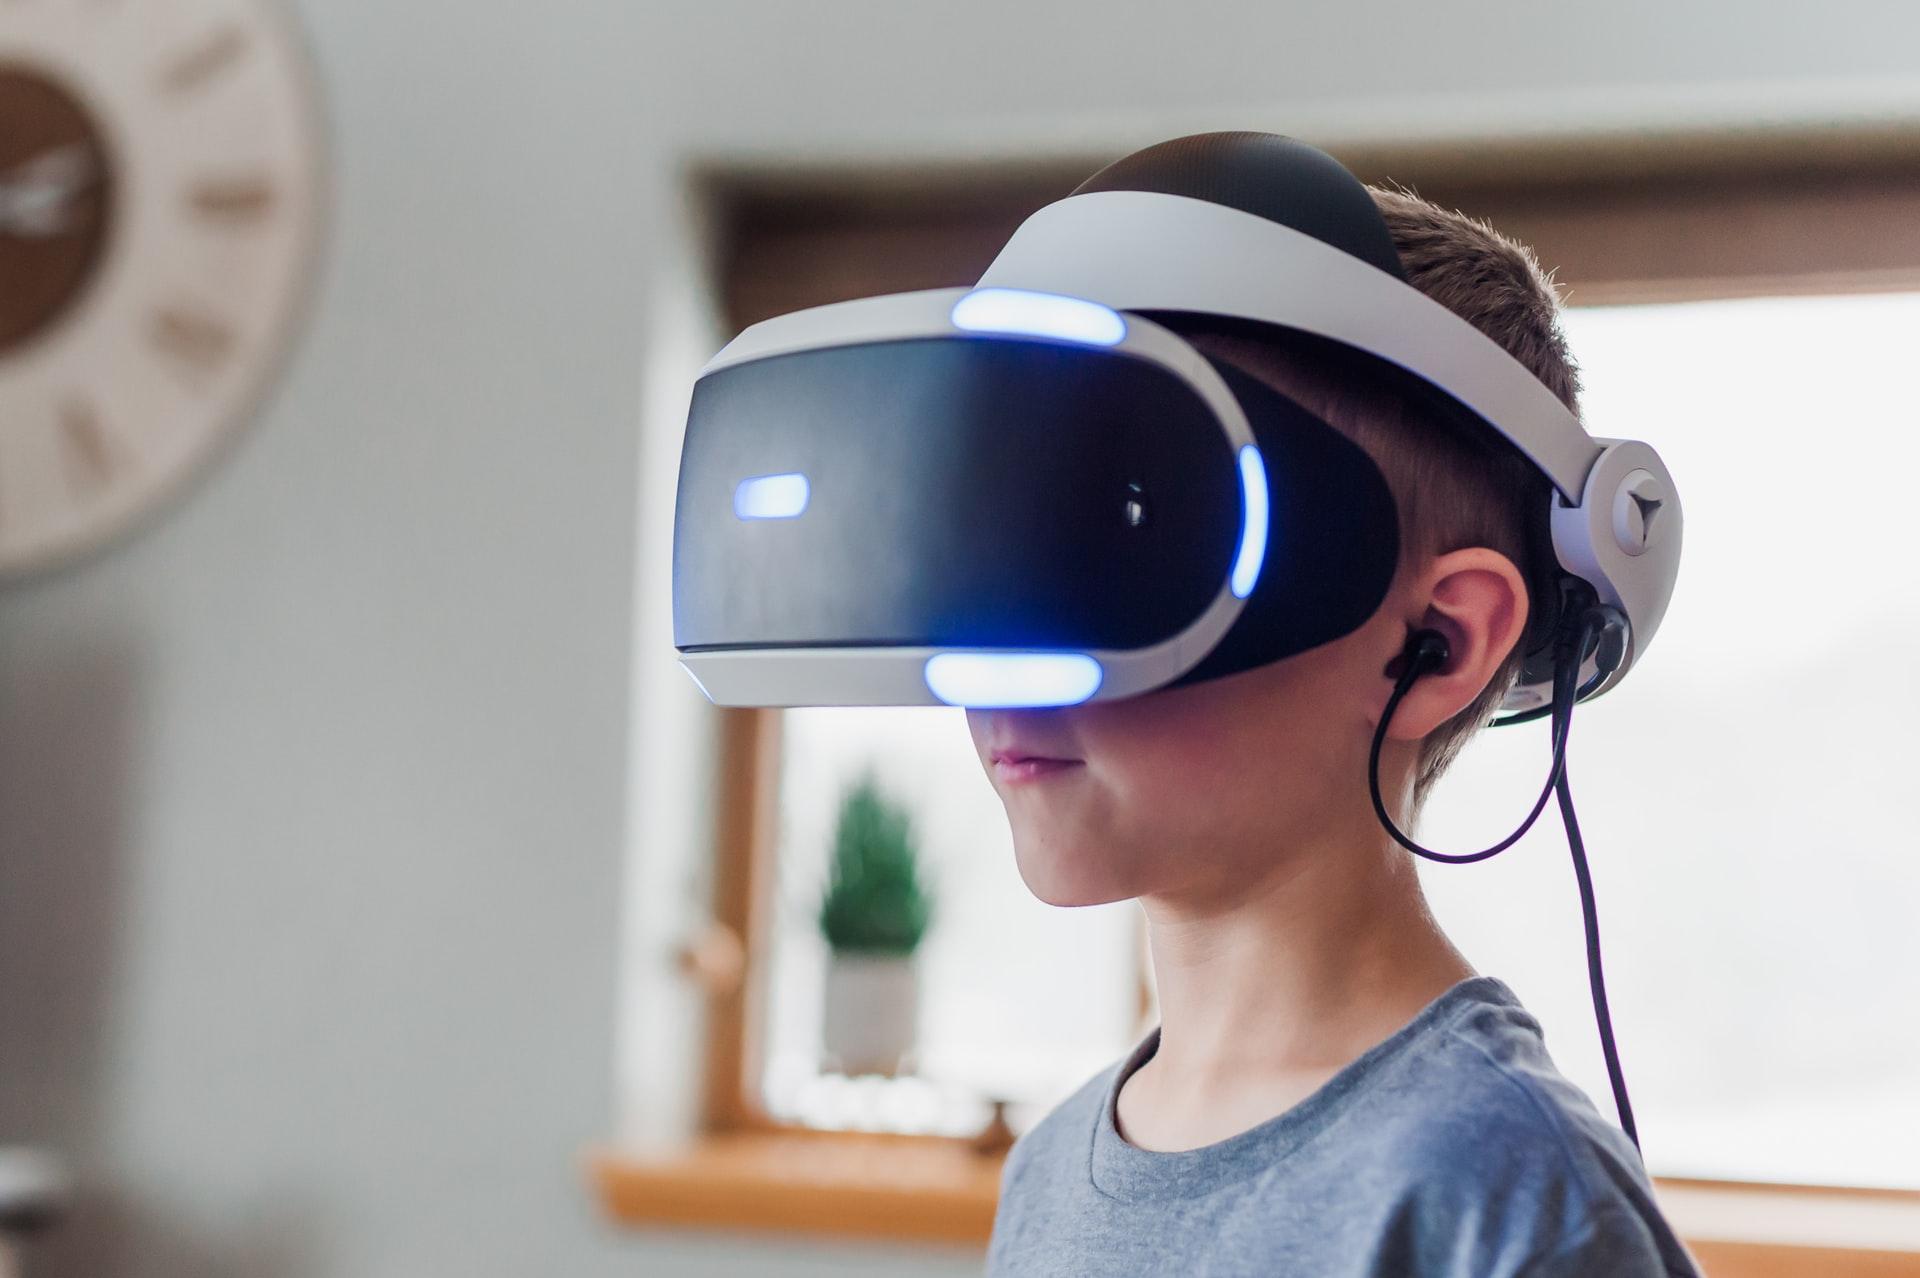 Augengesundheit und Virtual Reality – wie passt das zusammen?